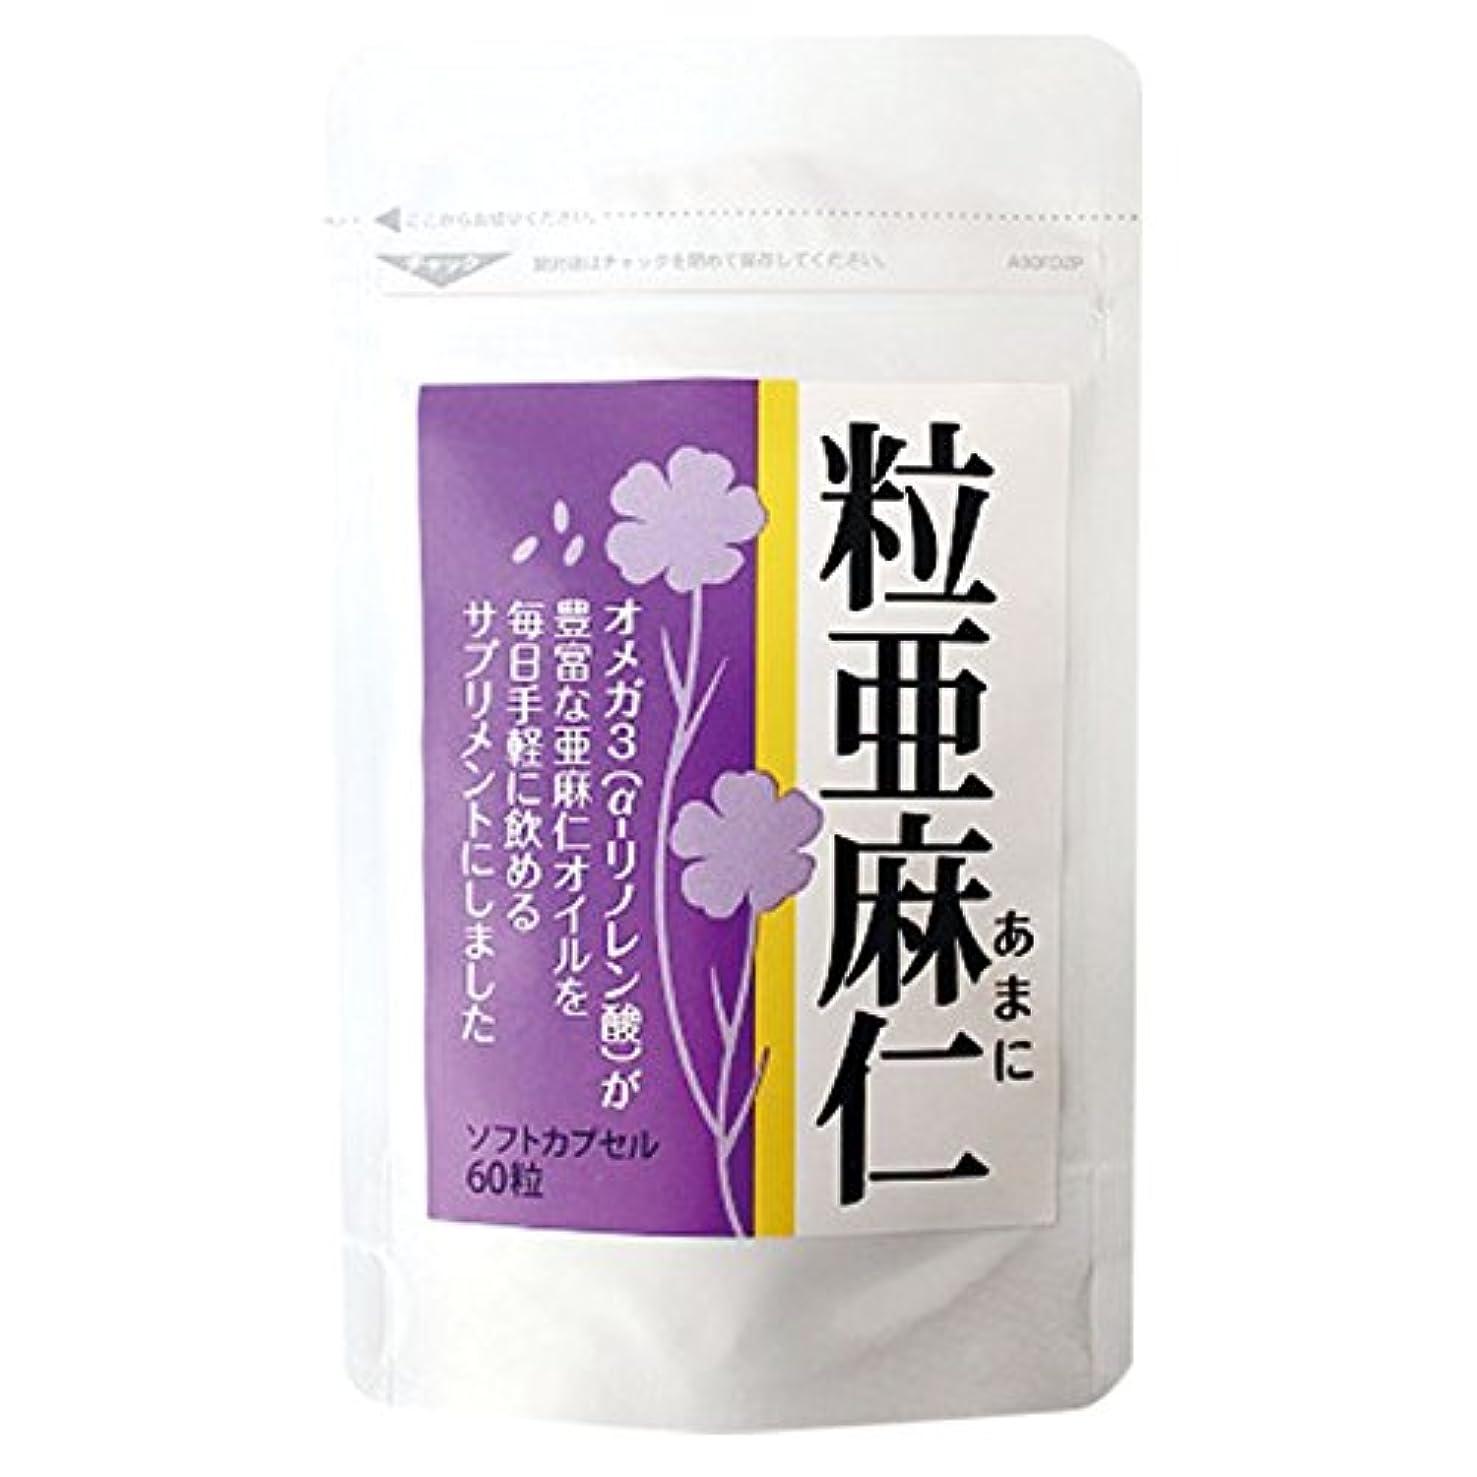 ブルームアシュリータファーマン天使粒亜麻仁(60粒)